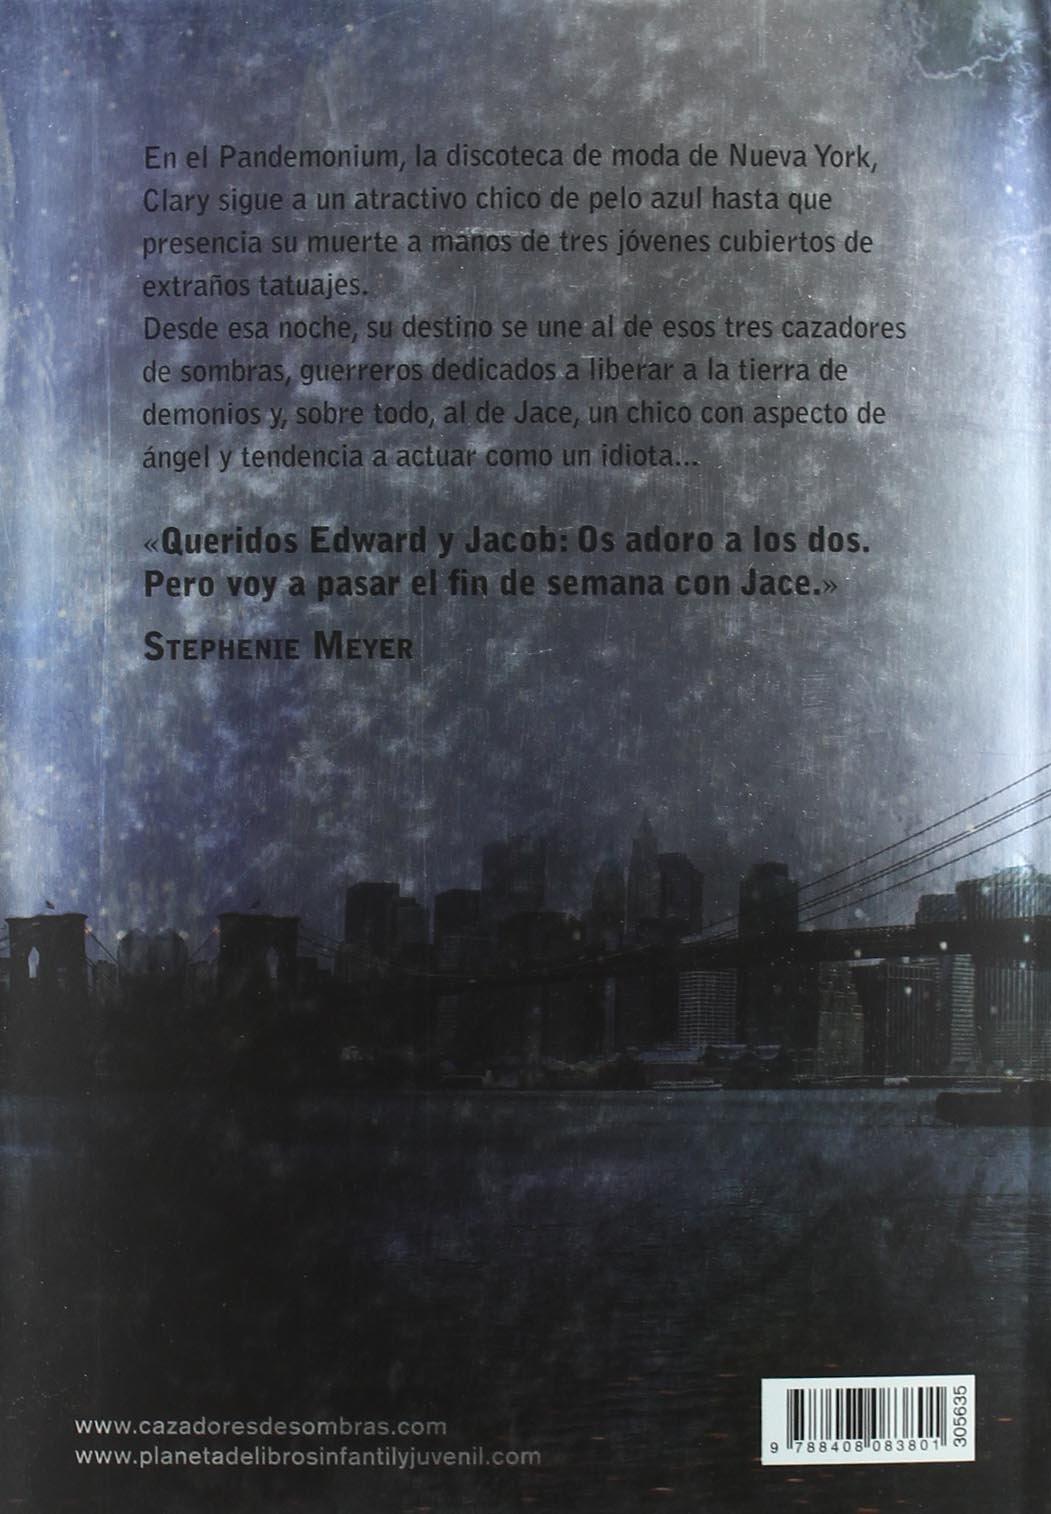 Cazadores de sombras 1. Ciudad de hueso: Cassandra Clare: 9788408083801: Amazon.com: Books